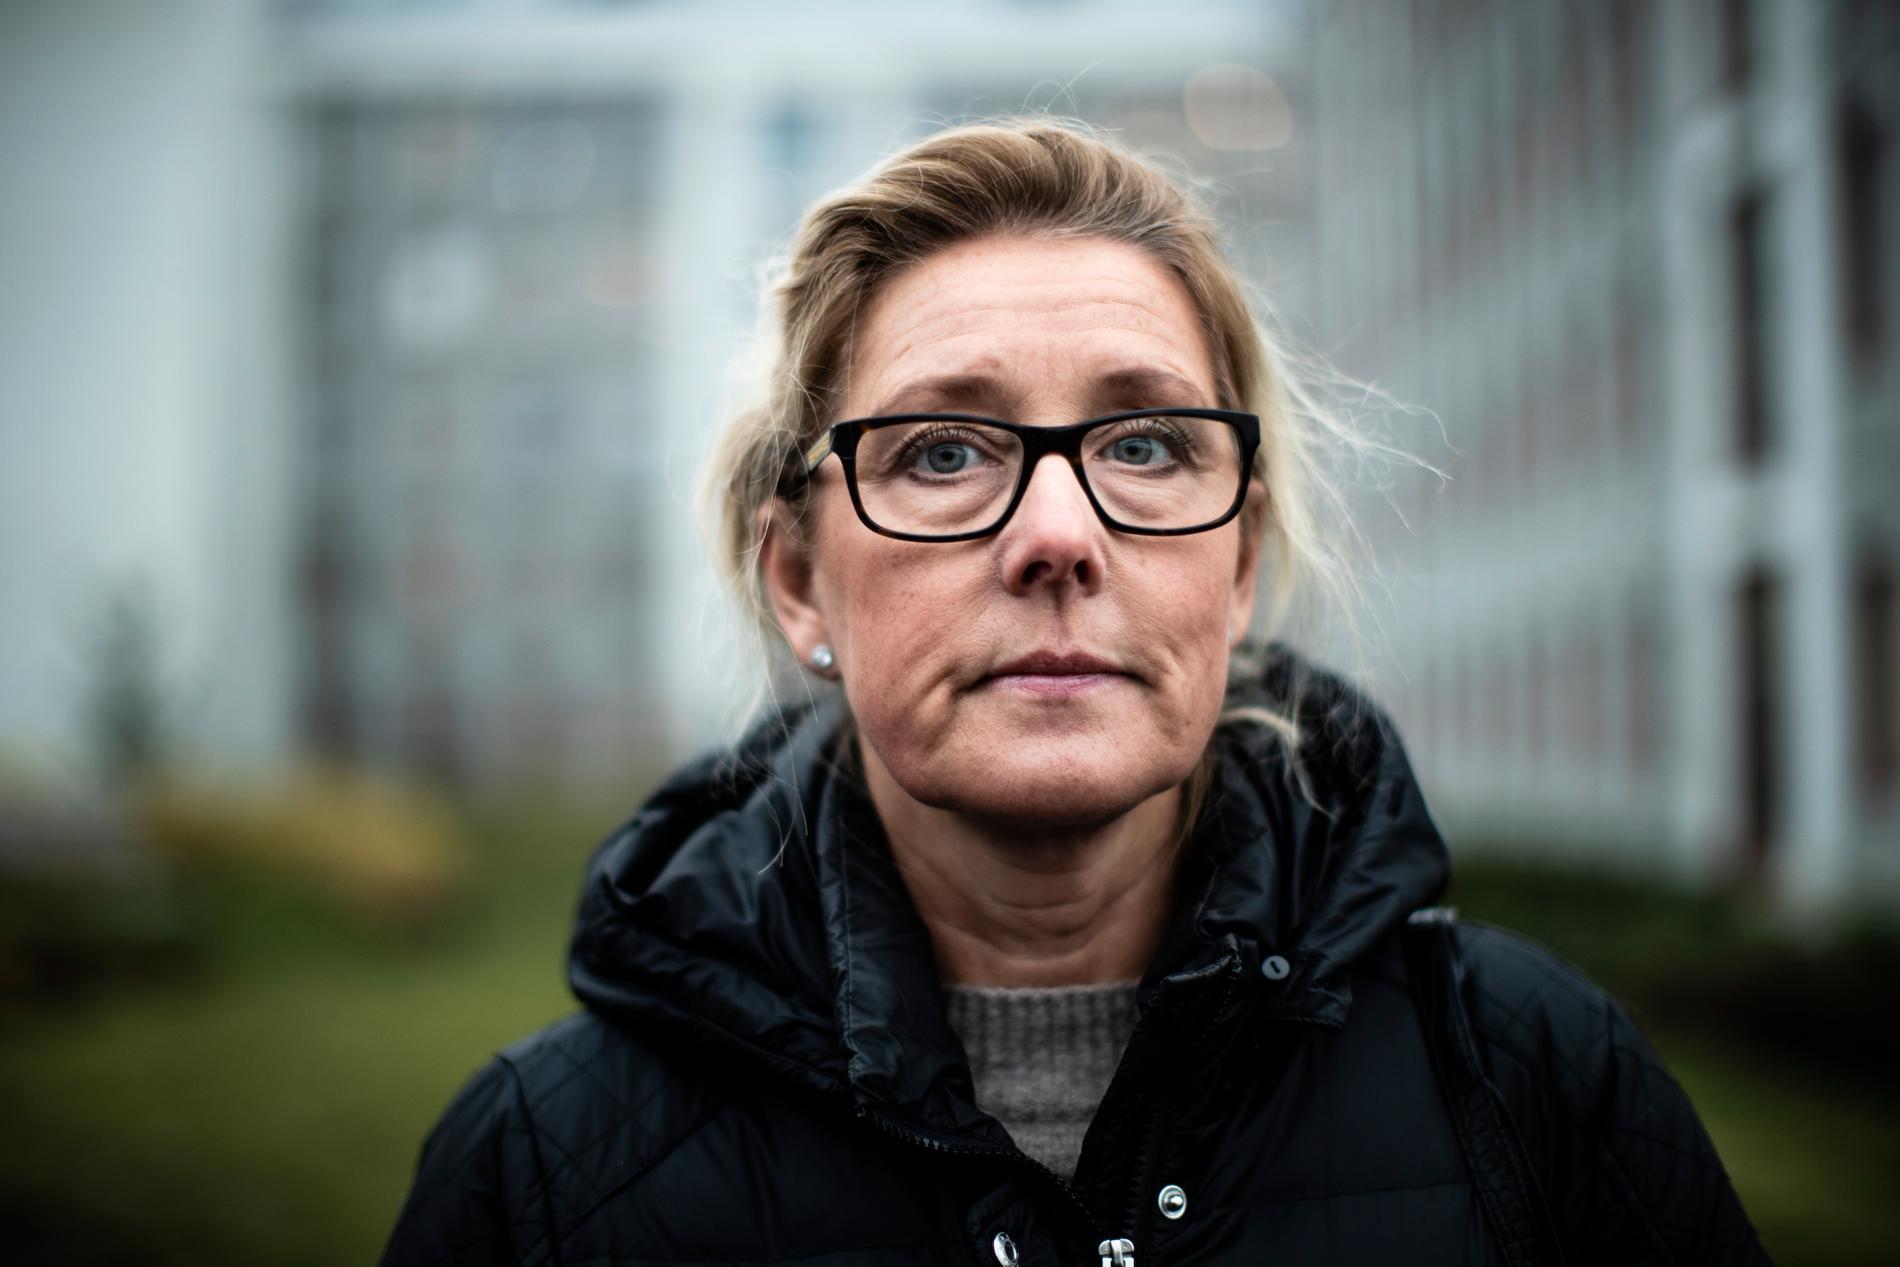 Christine Udding fick en chock av beskedet från Försäkringskassan om att hon blivit utförsäkrad.